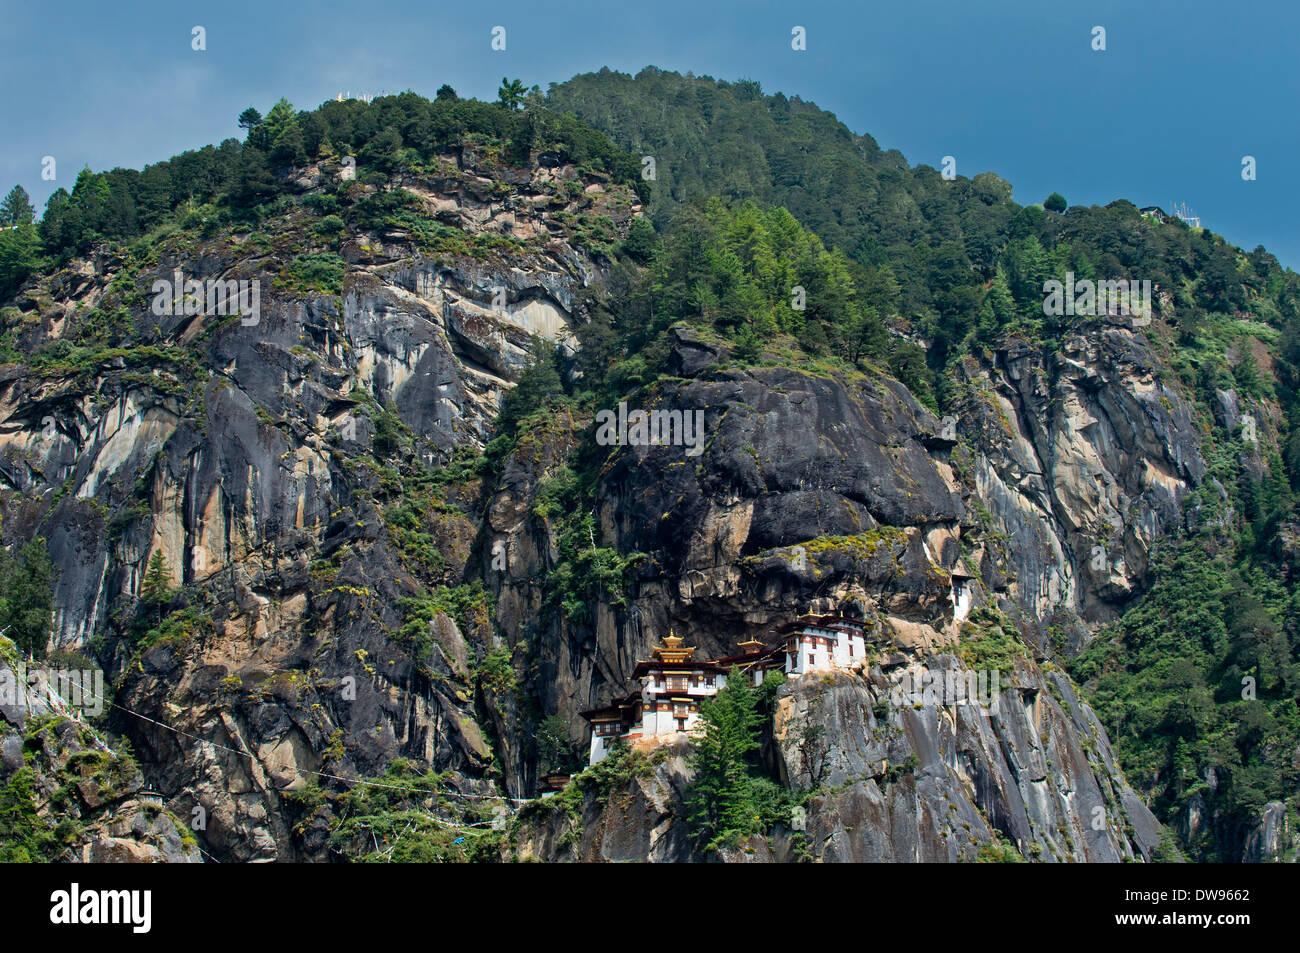 Cara de la roca con el Monasterio Palphug Taktsang o Nido del Tigre Taktshang, Bhután Foto de stock